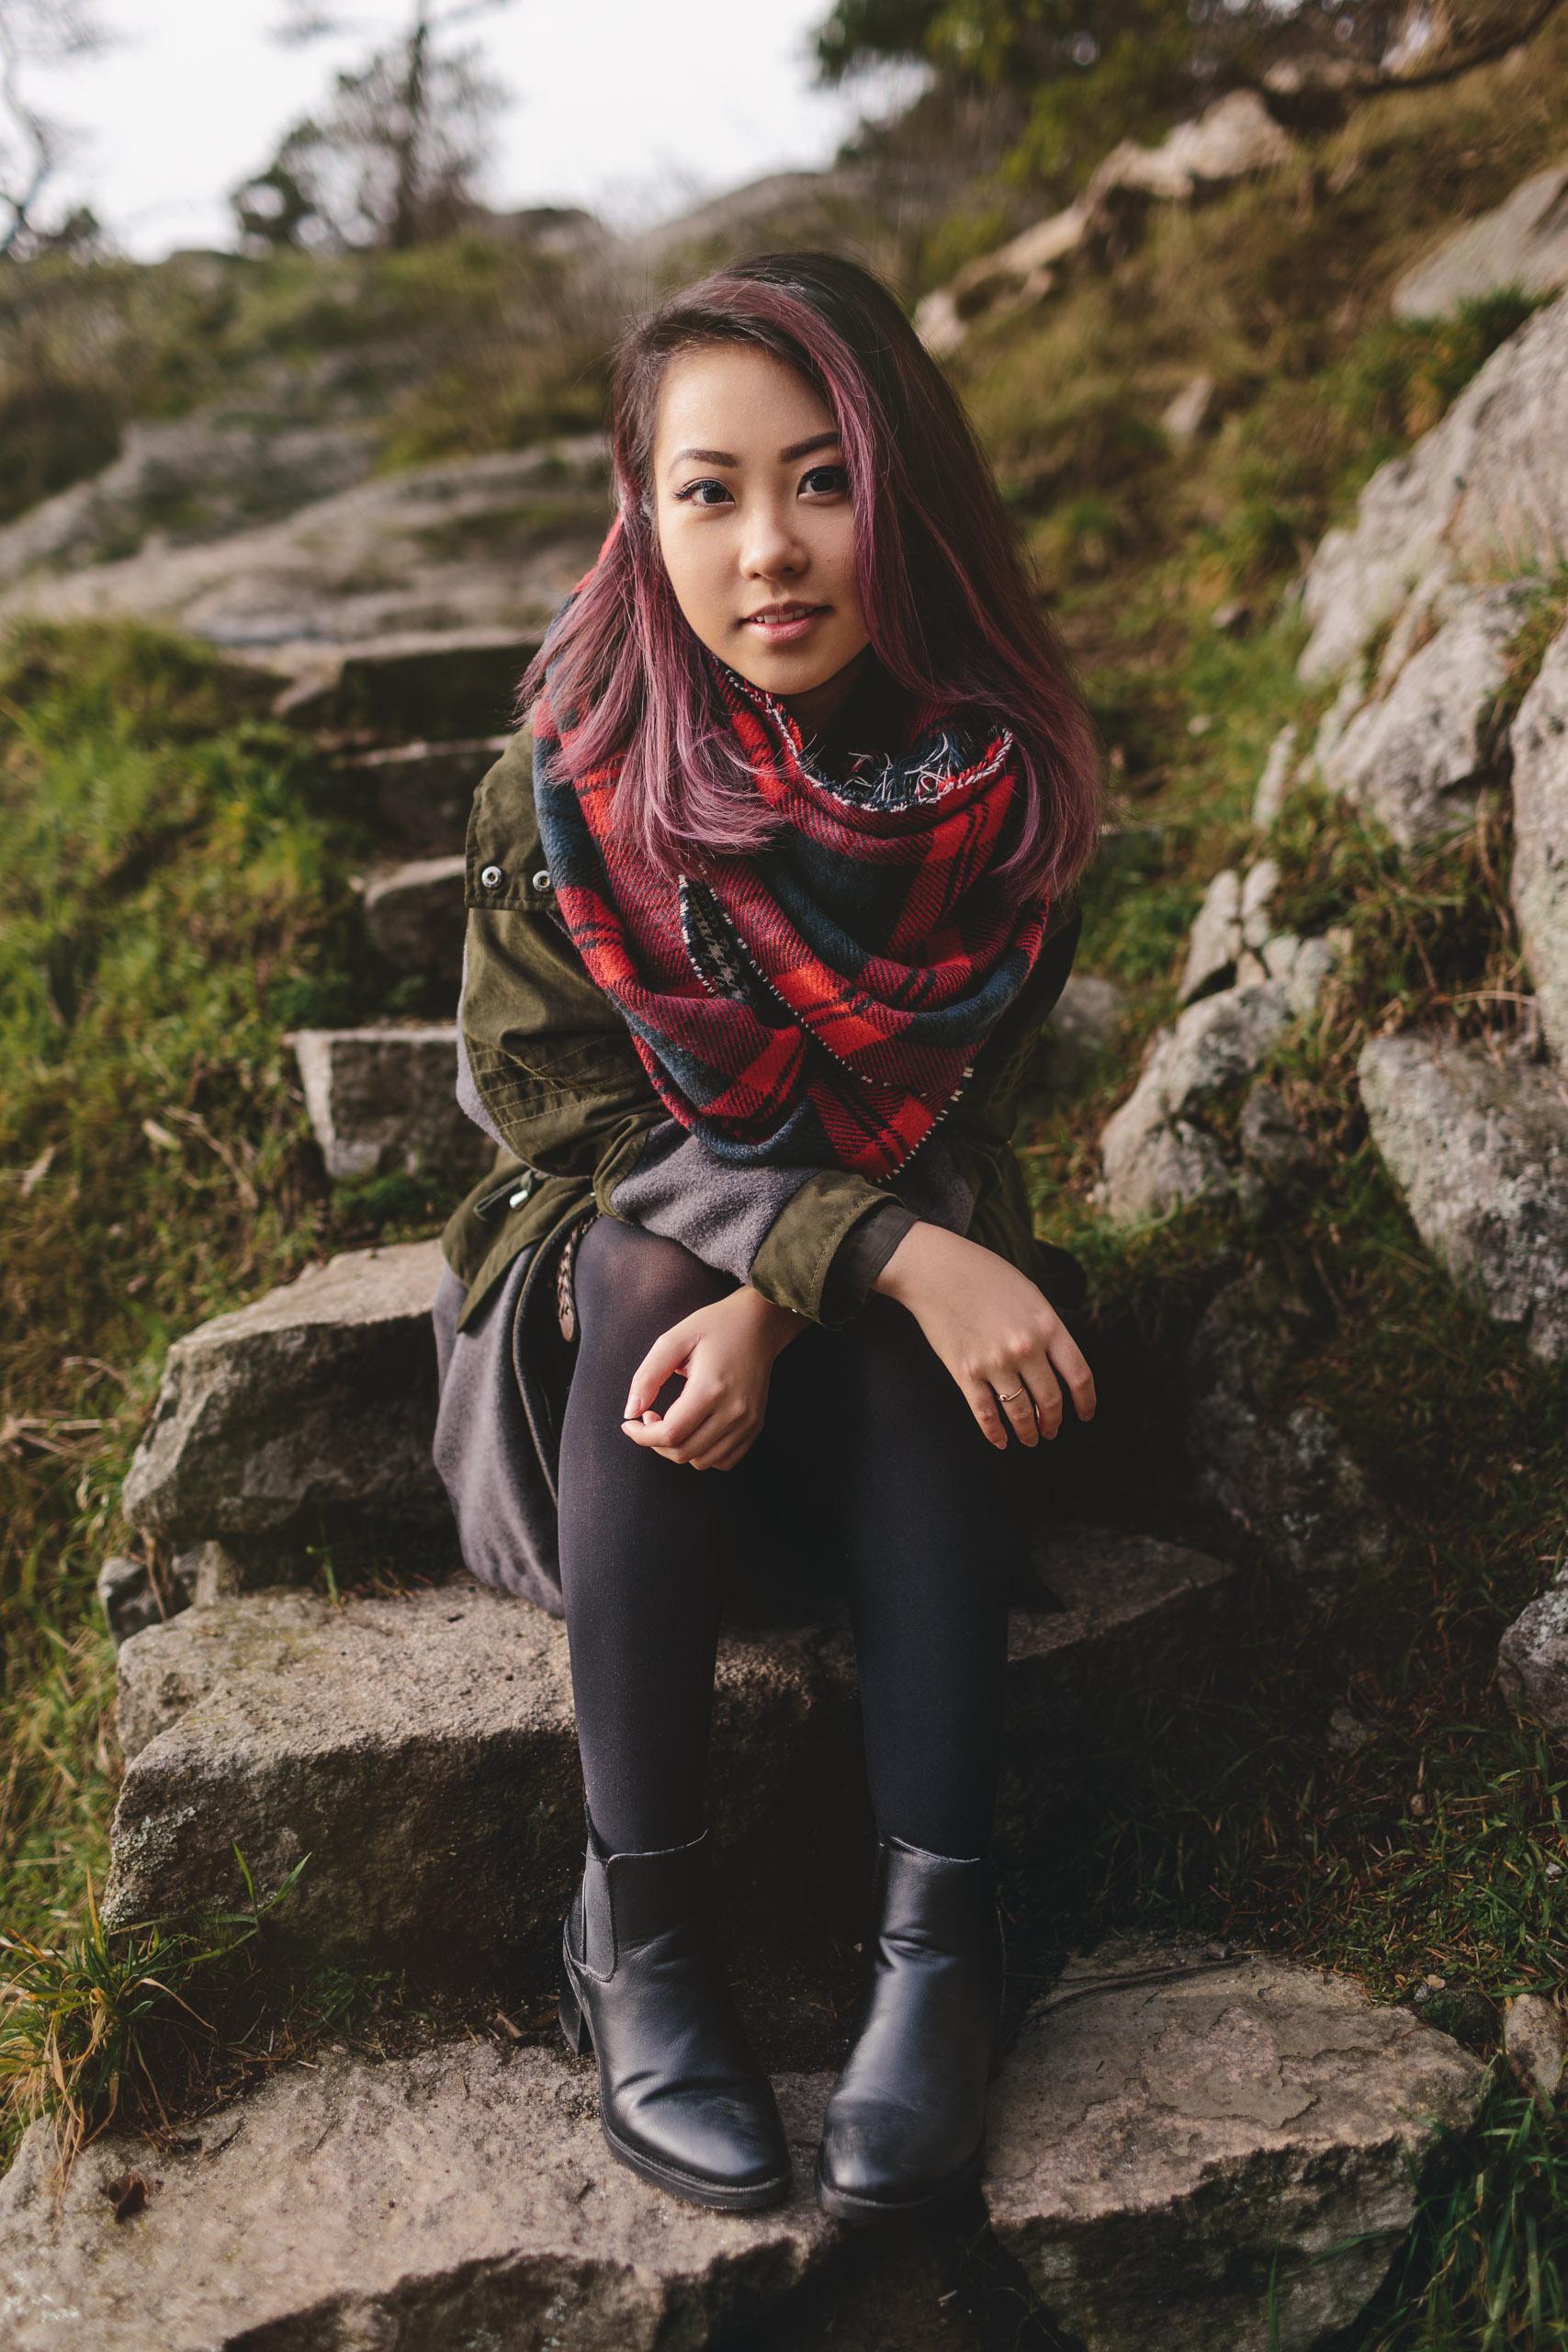 vancouver portrait photographer tien nguyen at whytecliff park